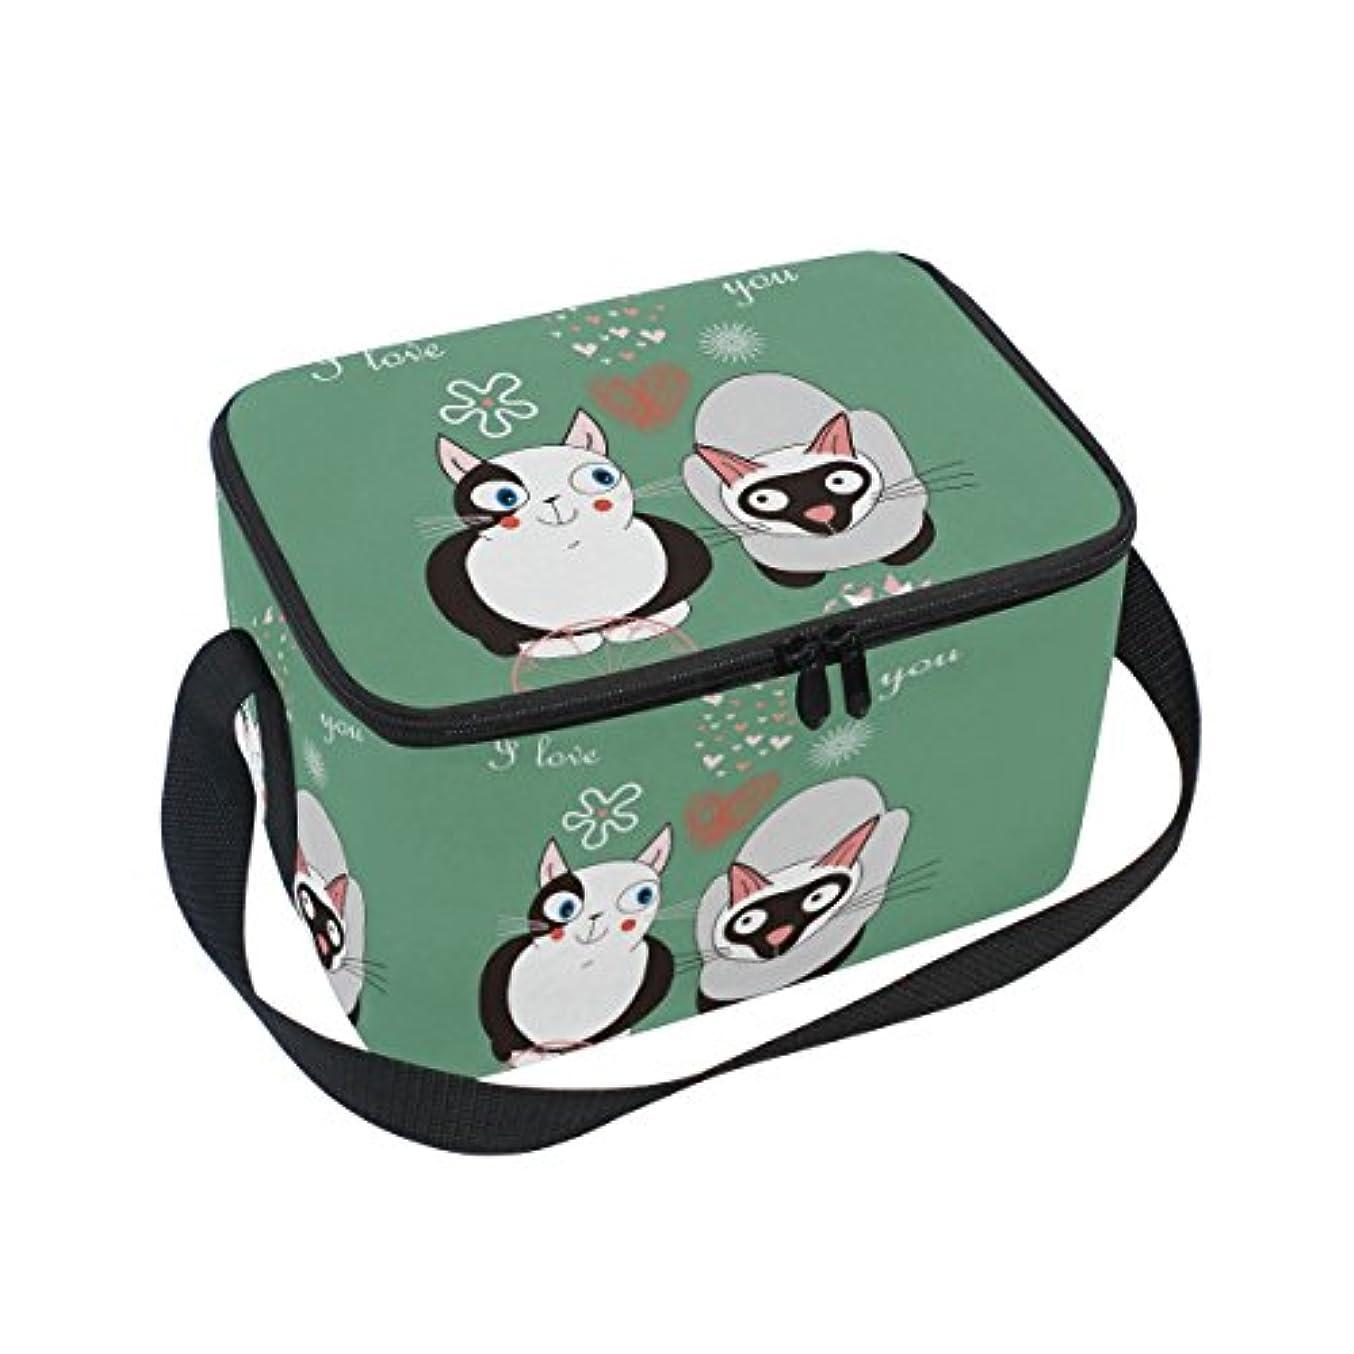 広告主繊細融合クーラーバッグ クーラーボックス ソフトクーラ 冷蔵ボックス キャンプ用品  猫柄 仲間 保冷保温 大容量 肩掛け お花見 アウトドア